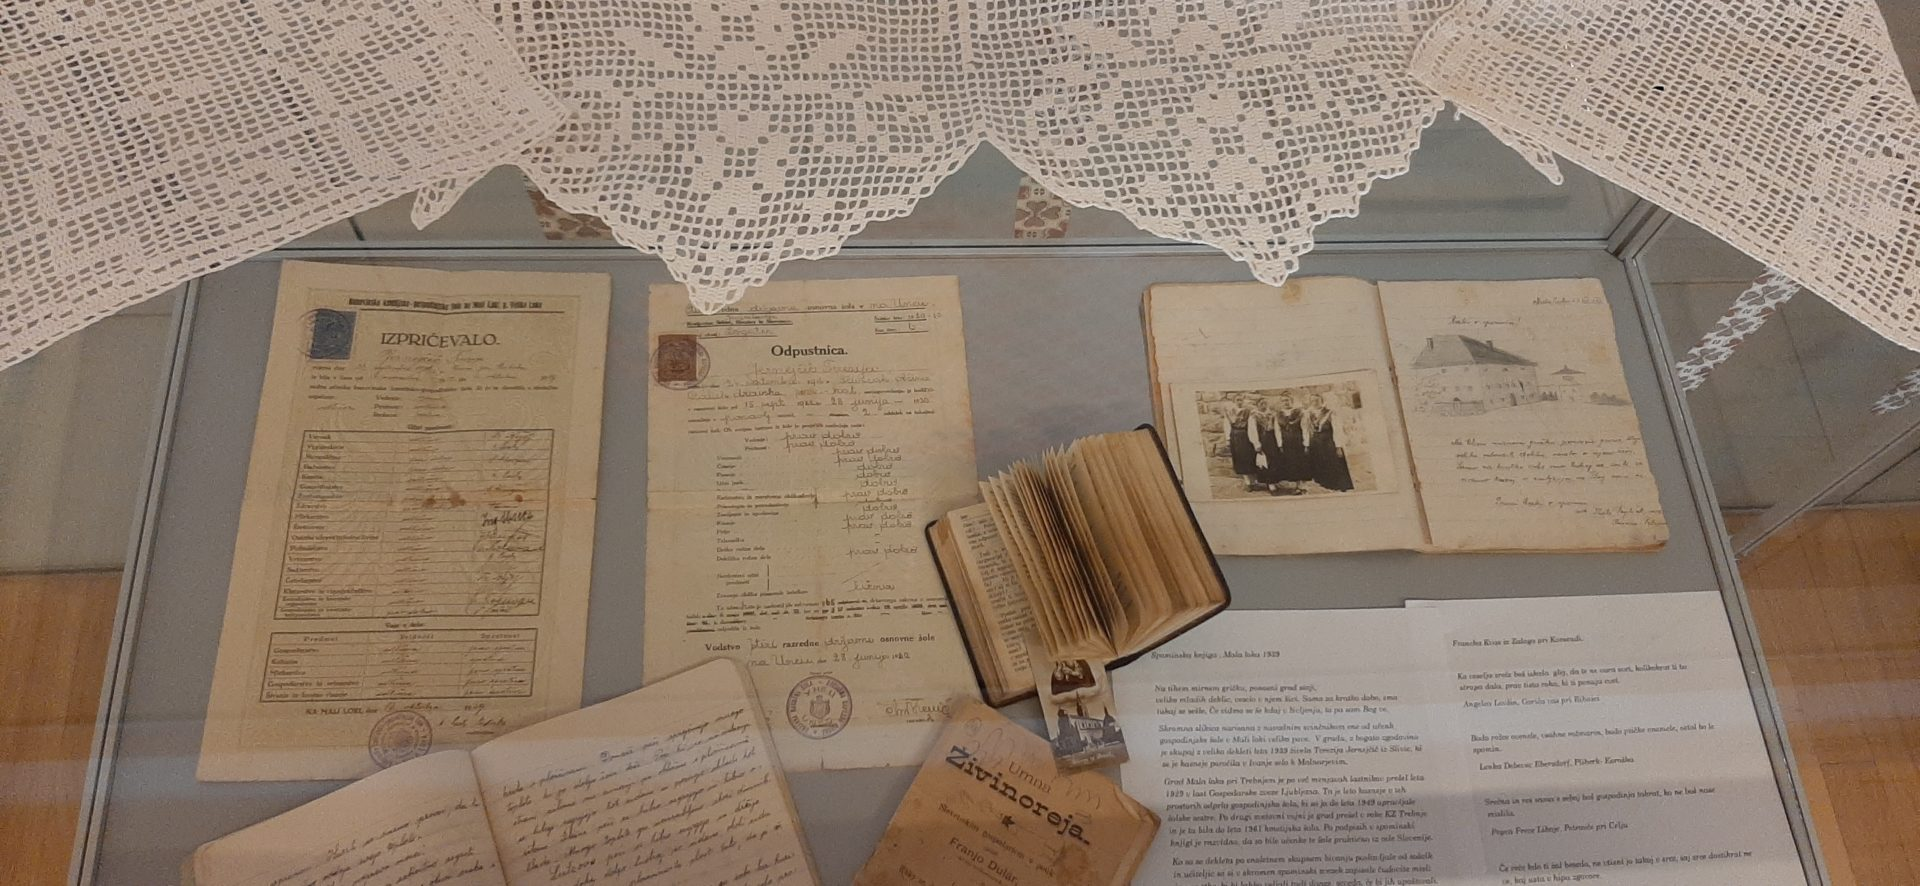 20200622 103620 - Kulturna dediščina naših krajev I - razstava društva Klasje Cerknica